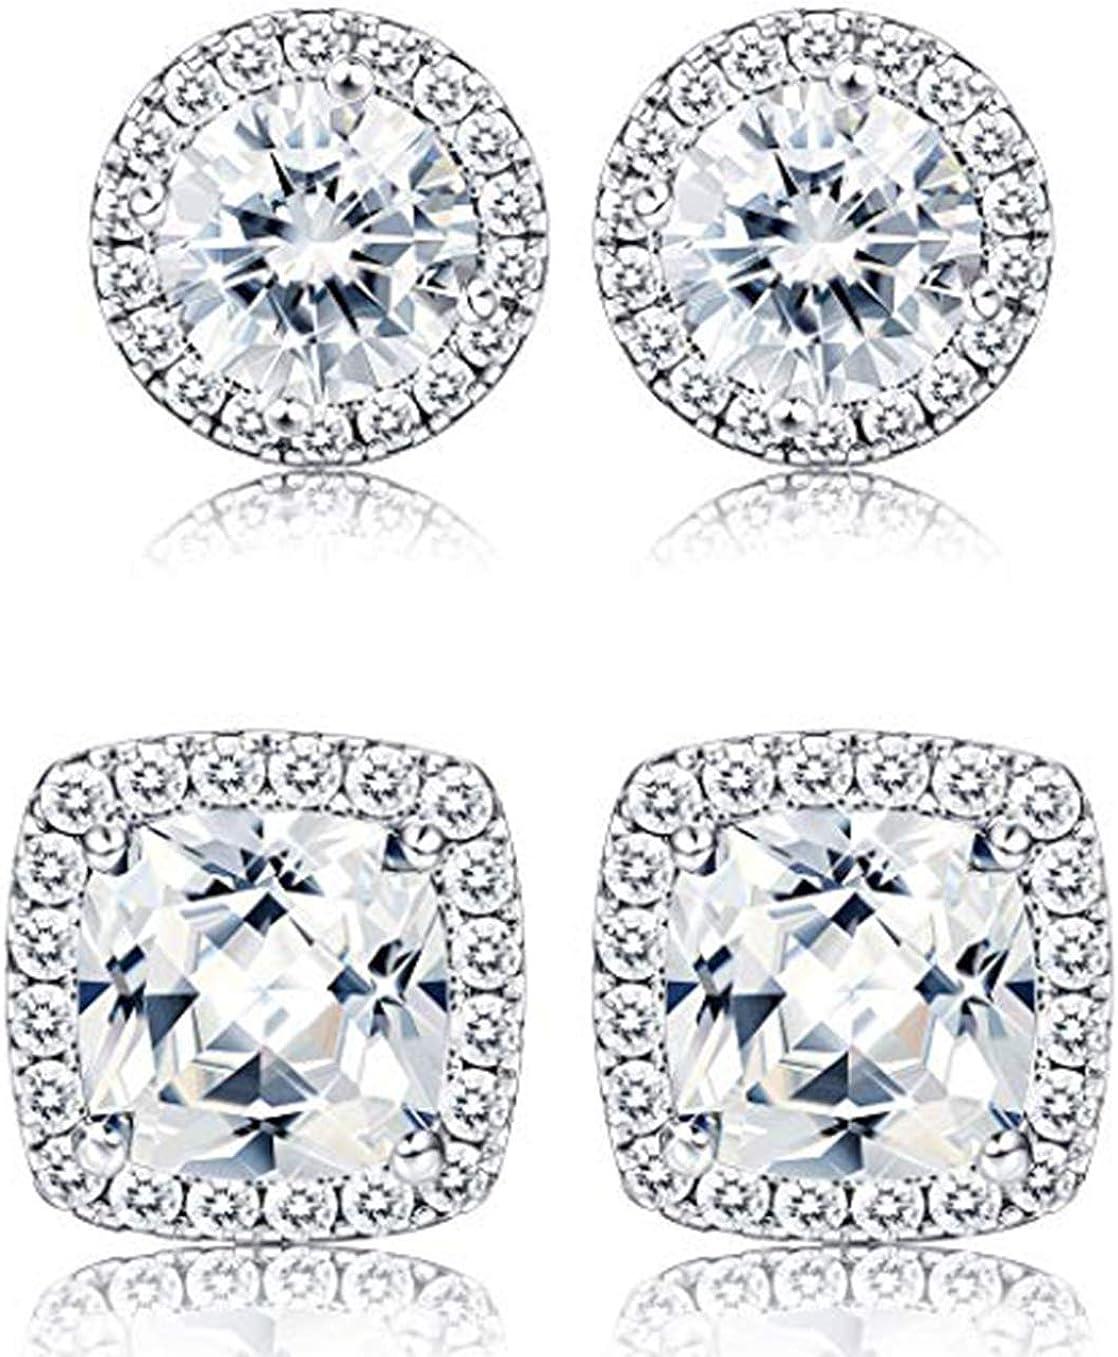 Milacolato 1-2 Pares de pendientes de halo Halo 18K Oro blanco plateado Ronda de diamantes Pendientes de corte brillante con caja de regalo